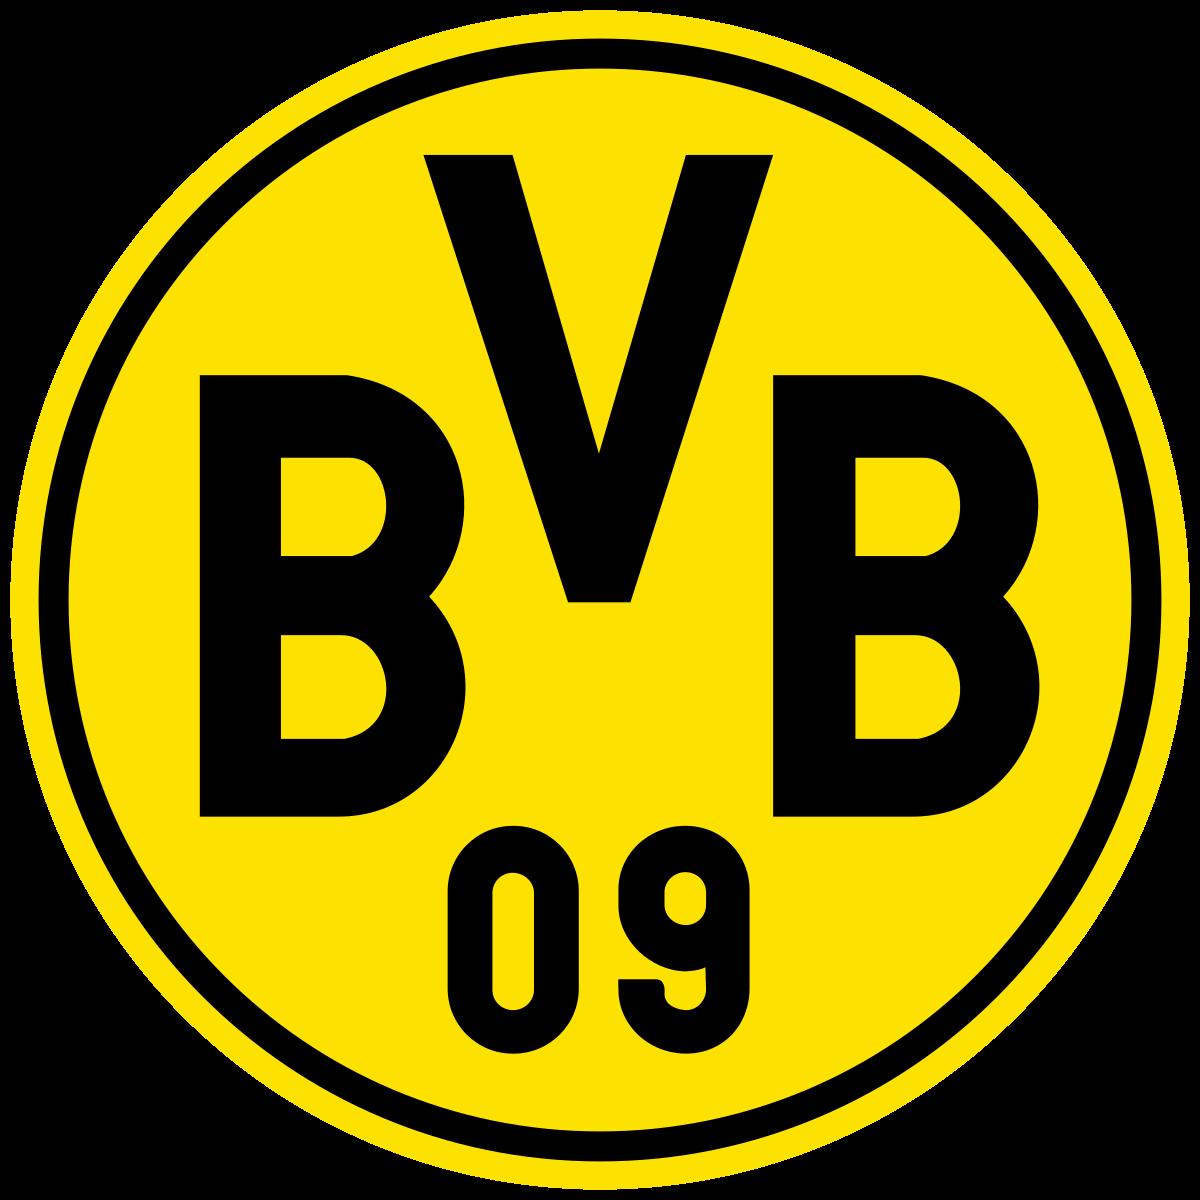 Borussia_Dortmund escudo